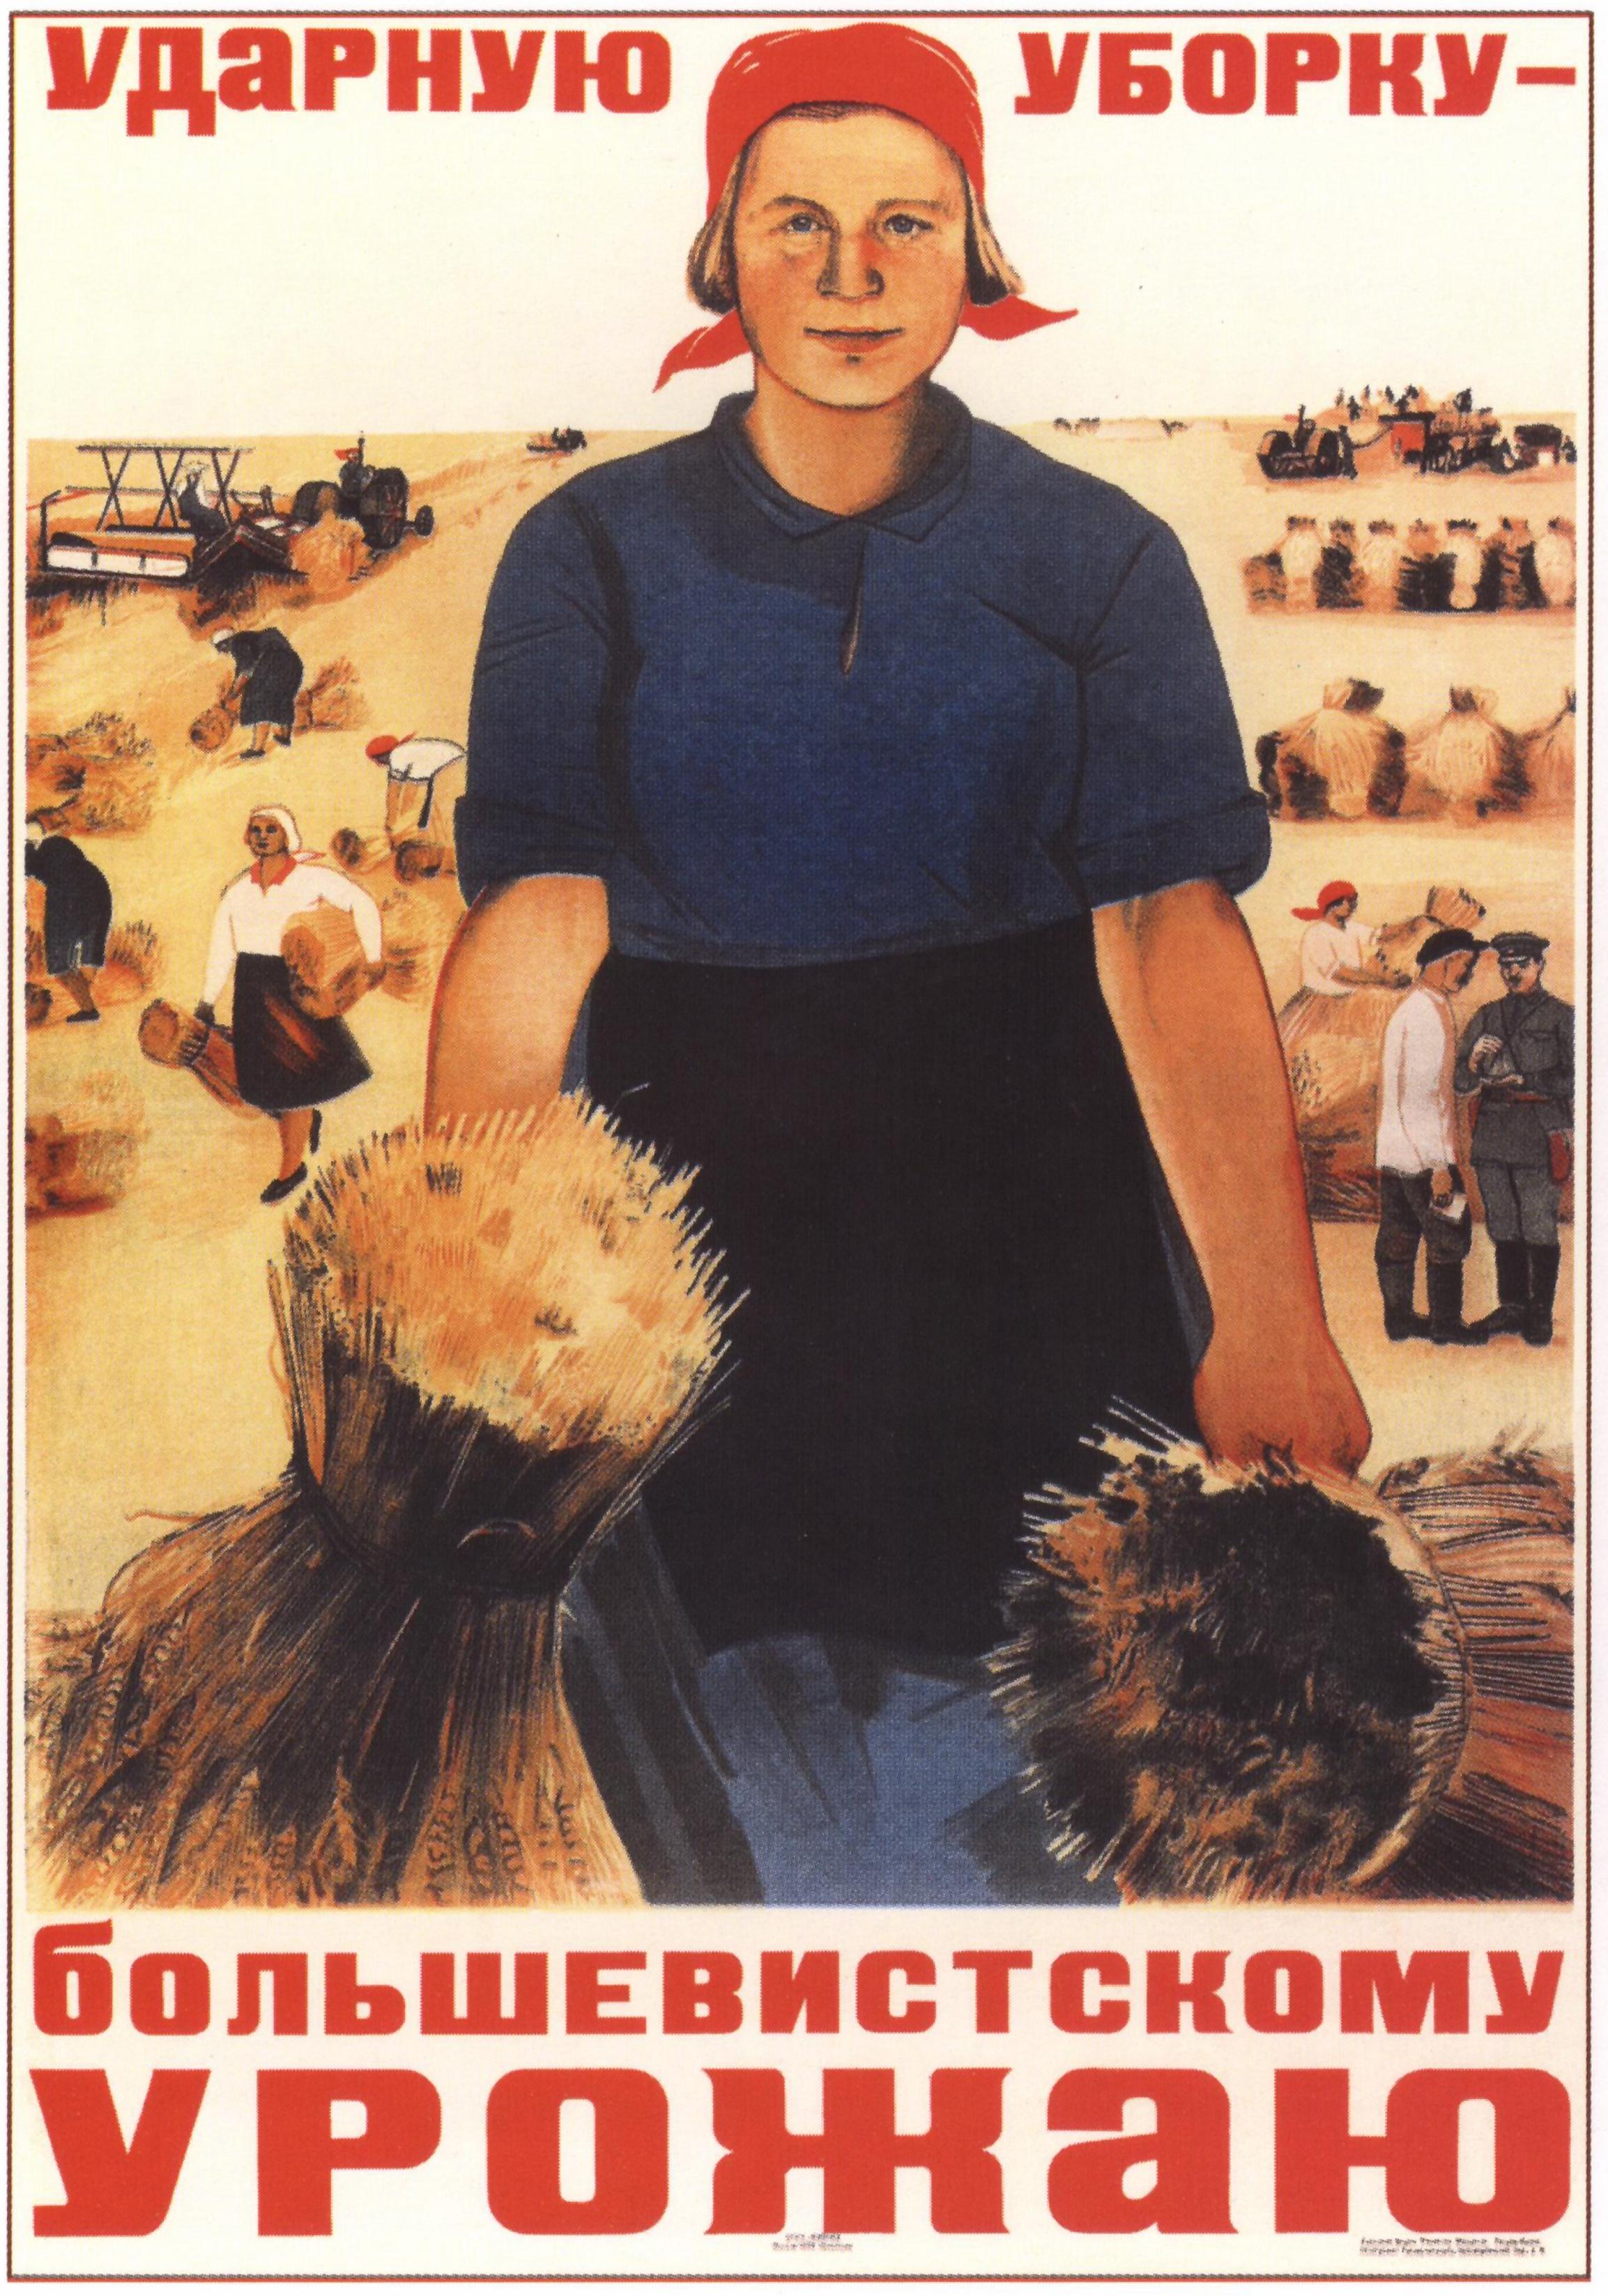 Ударную уборку — большевистскому урожаю Автор: М. Ворон Год: 1934